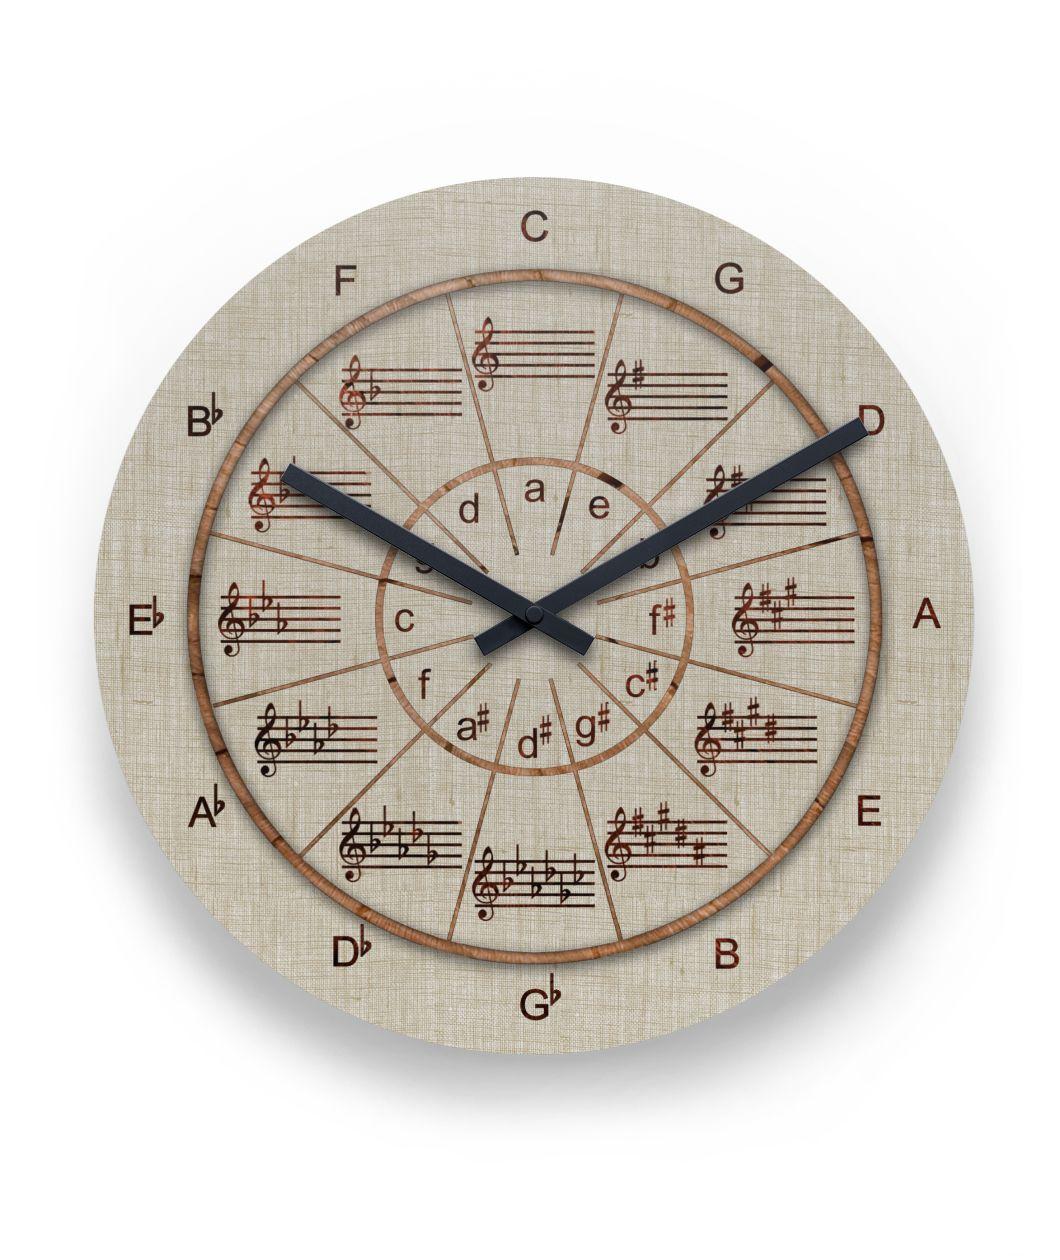 Circle Of Fifths Wall Clock Usa Wall Clocks Clocks And Walls